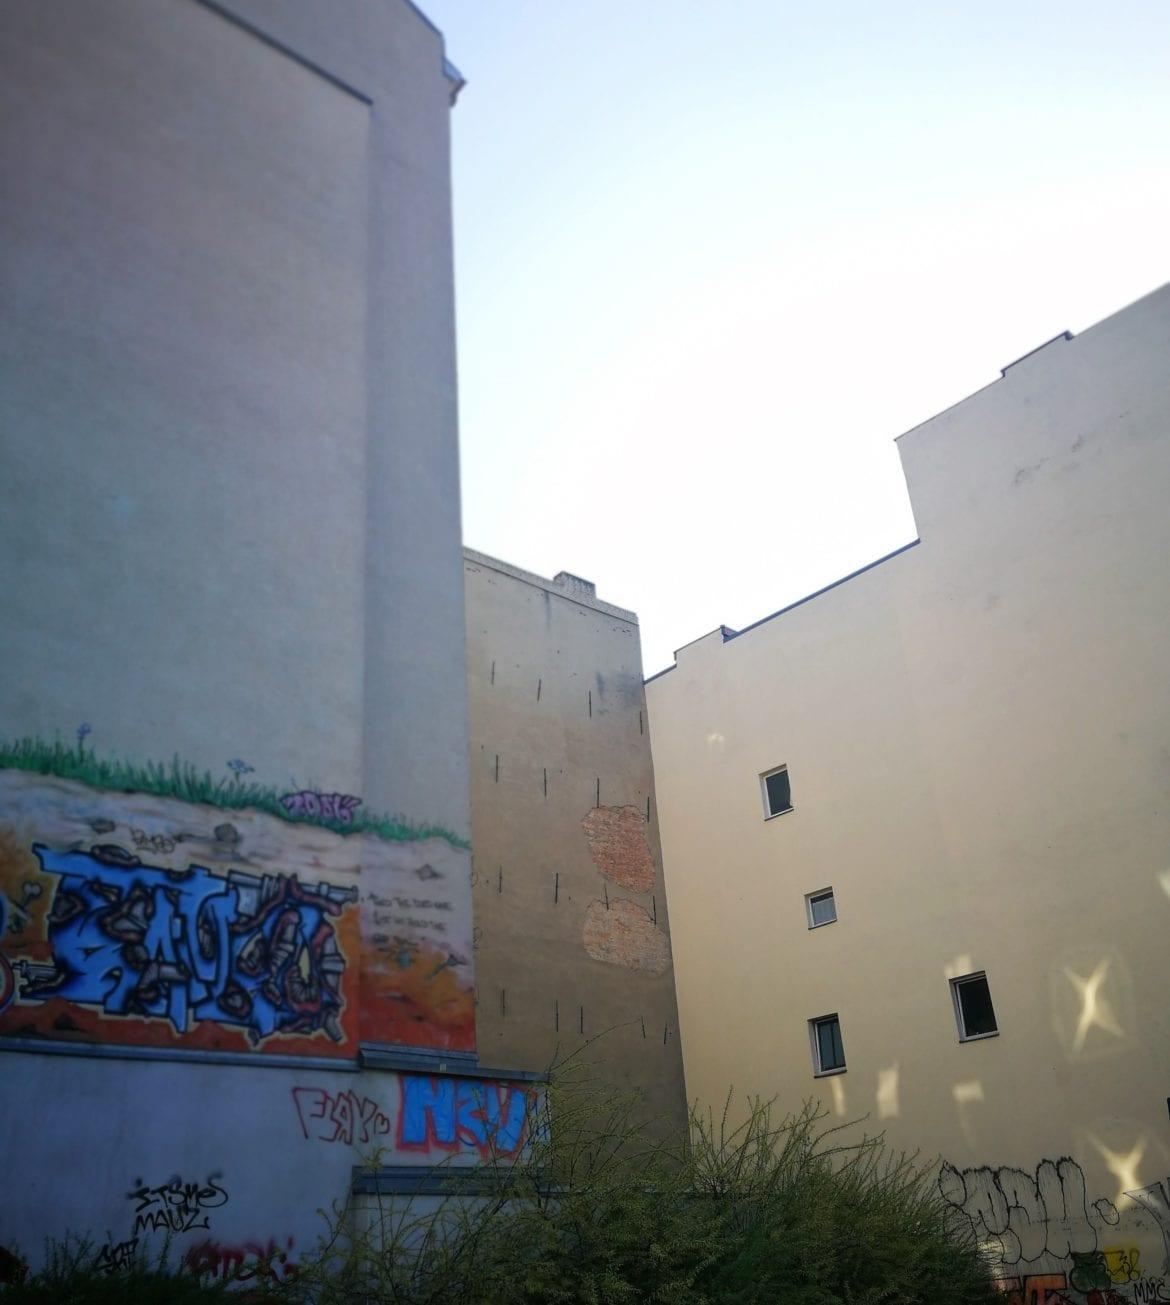 Ein Haus Bauen Eindeutig Kein Spaß Für Nebenbei Streetcredibility